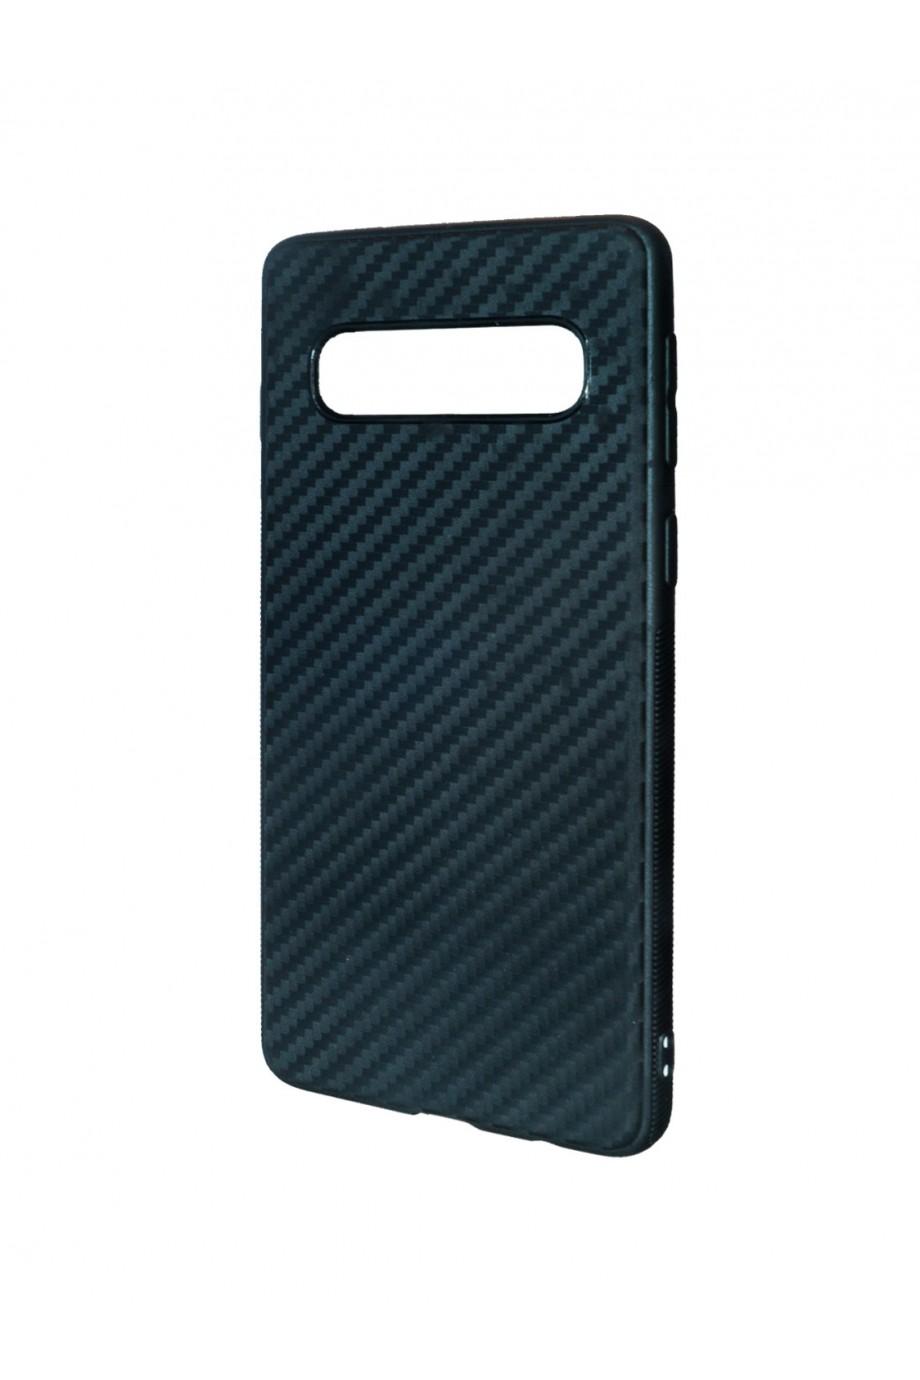 Чехол силиконовый для Samsung Galaxy S10, черный, под карбон